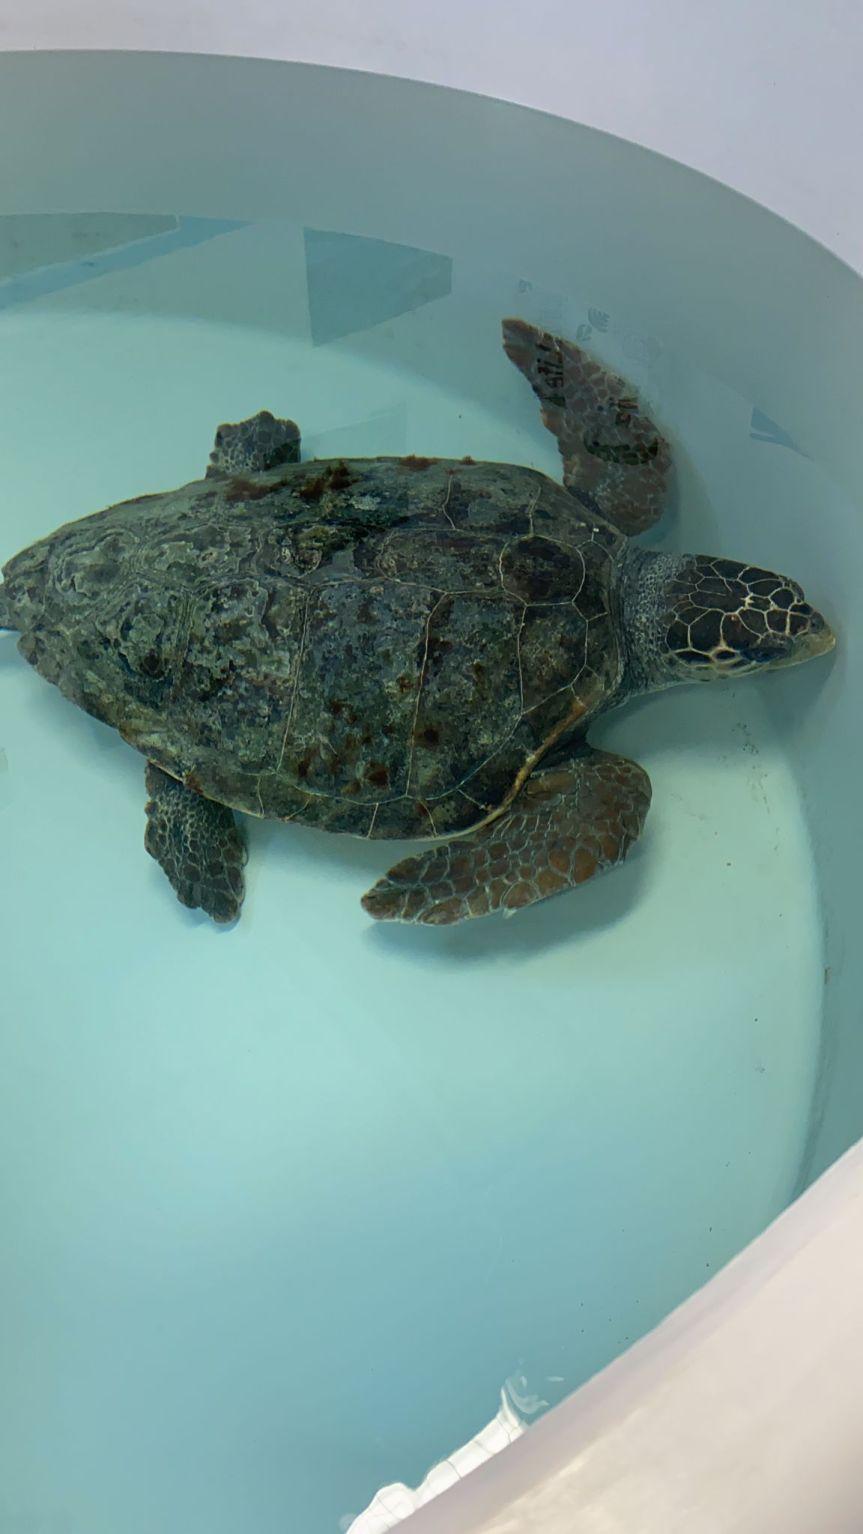 Toscana: Poseidone torna in mare, la tartaruga rilasciata nelle acque di Castiglione dellaPescaia